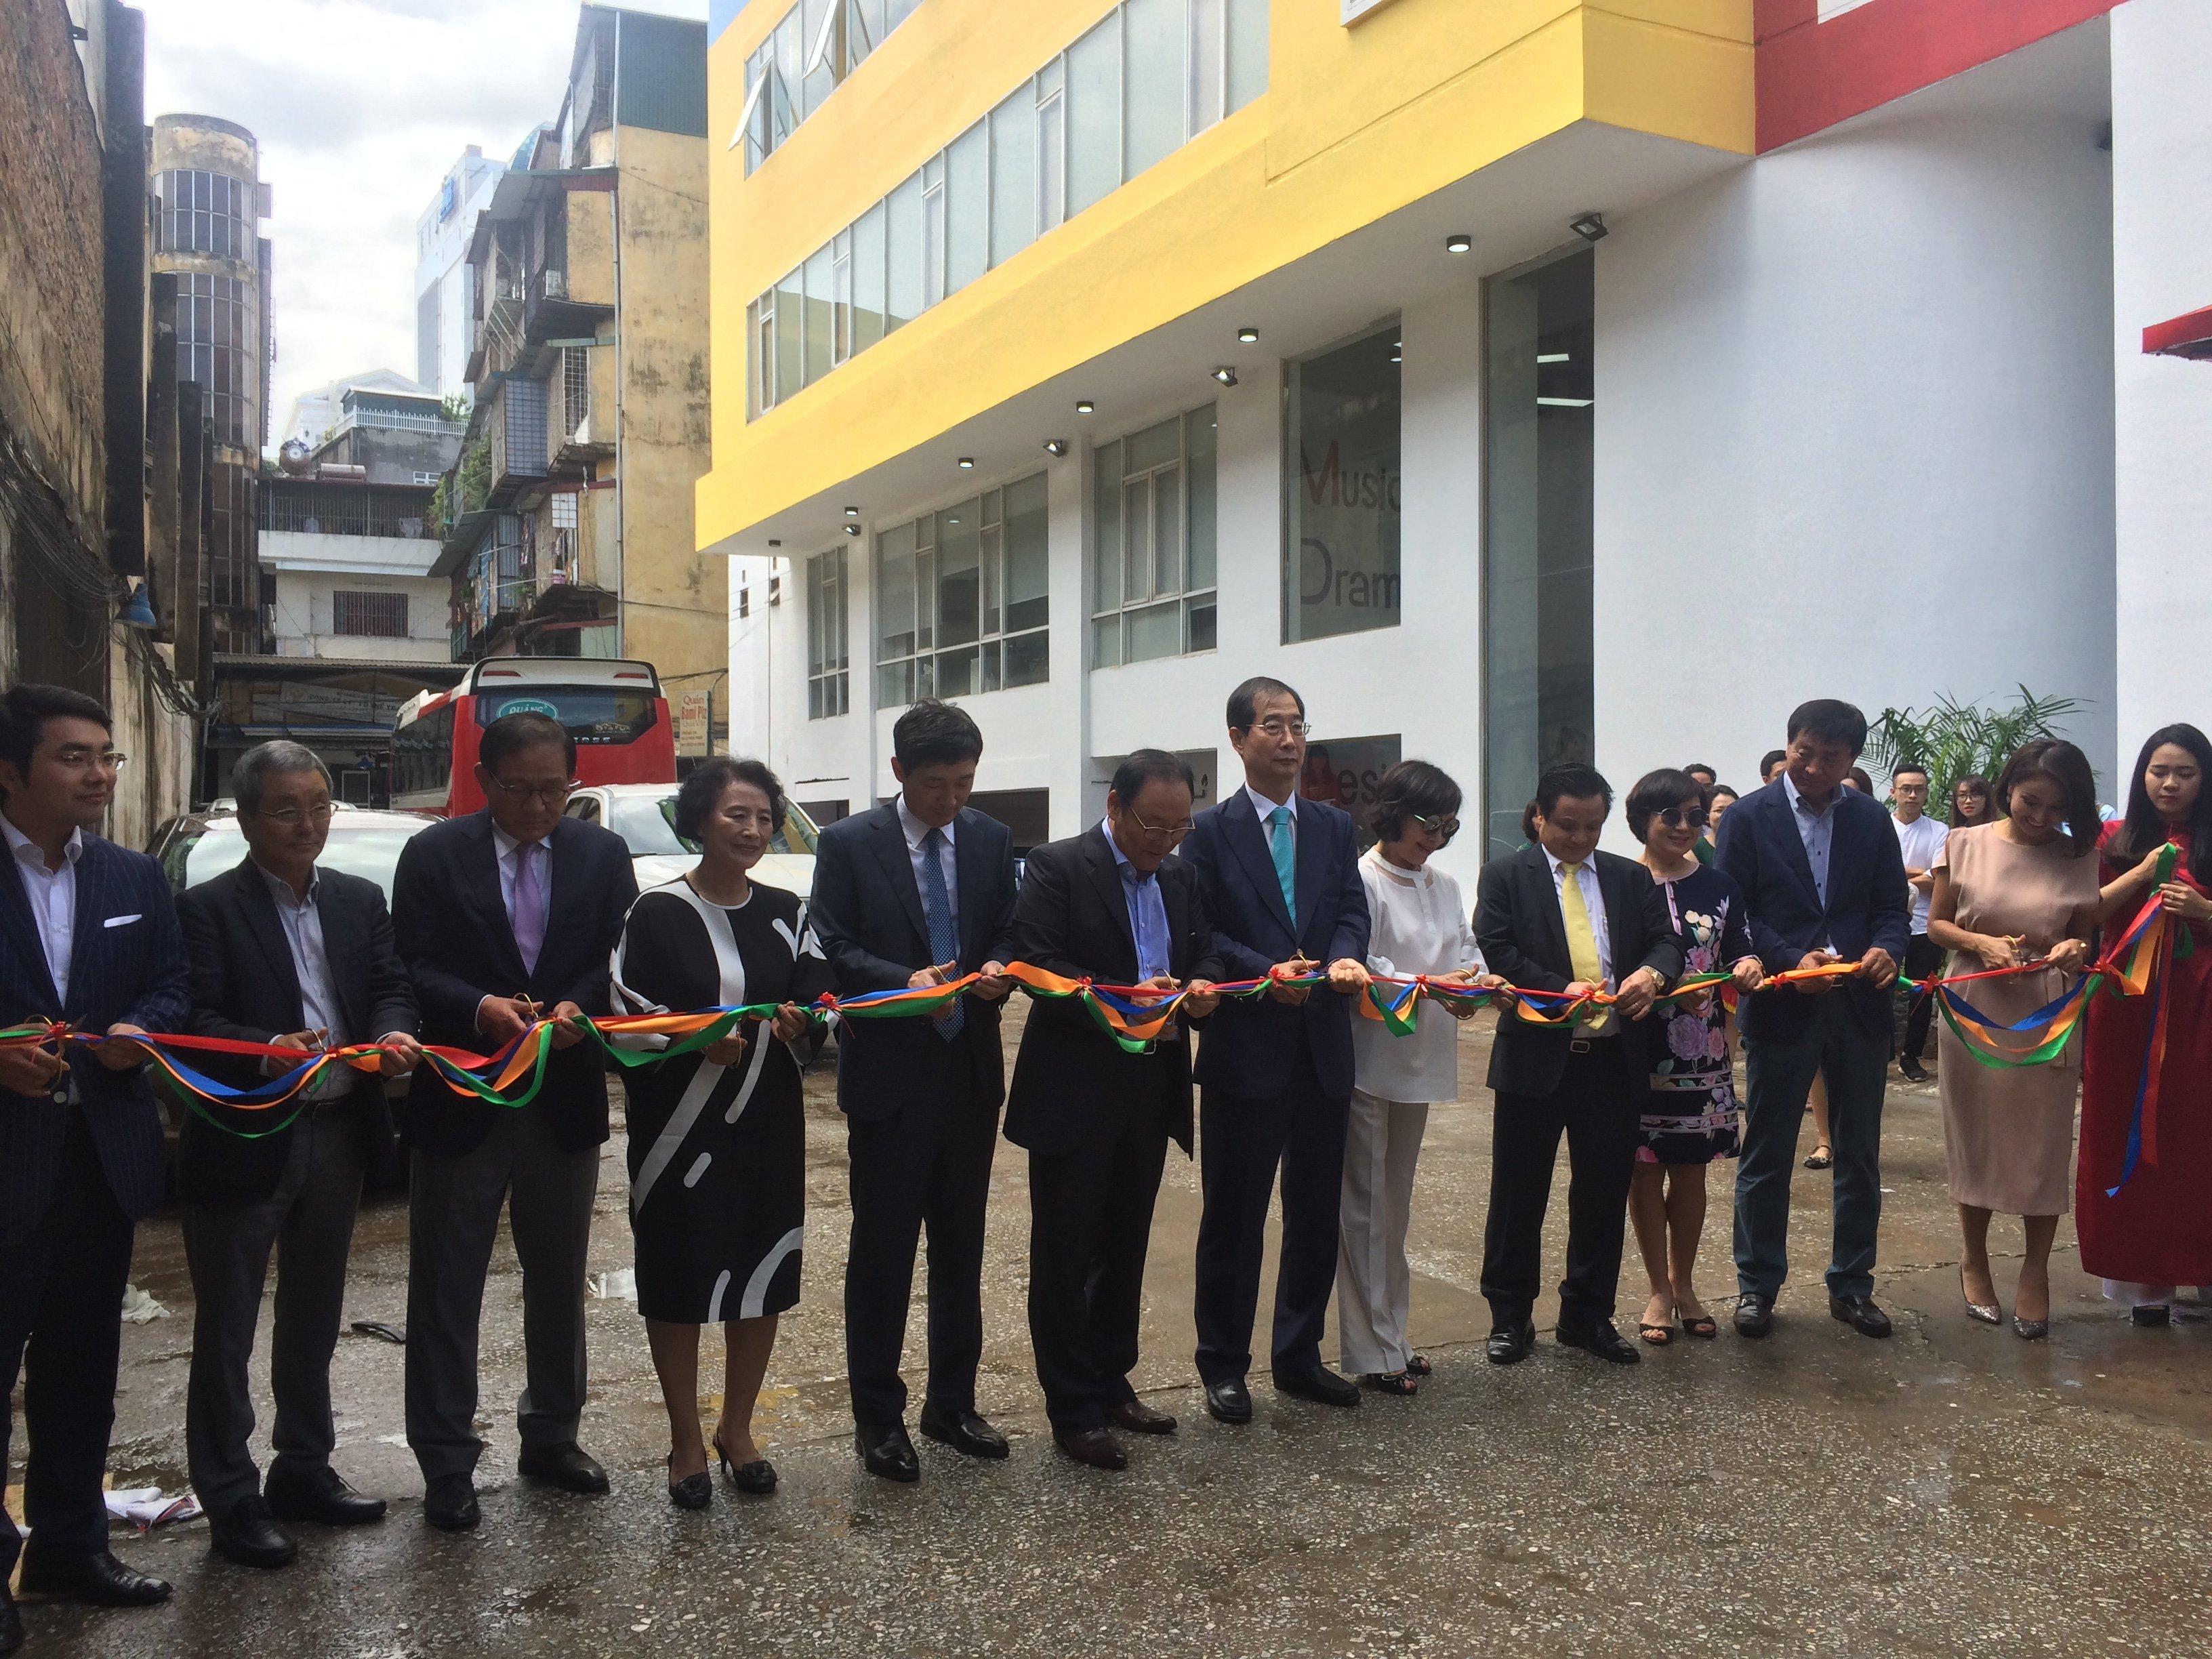 Ra mắt trường đào tạo nghệ thuật quốc tế ICA tại Hà Nội 5